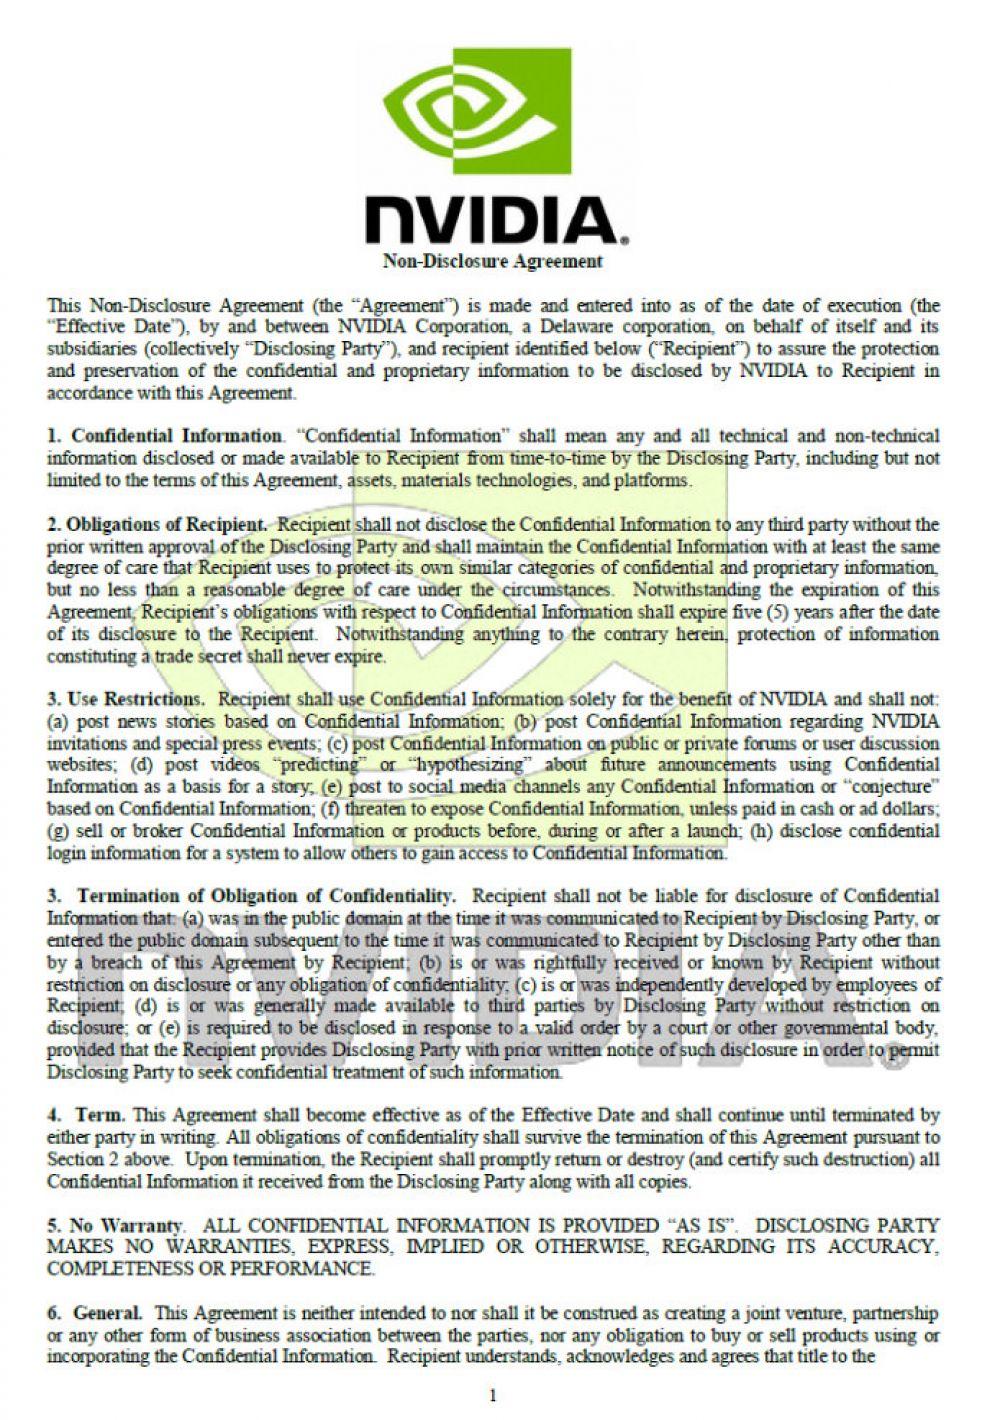 Nvidia наносит серьезный удар по свободе СМИ